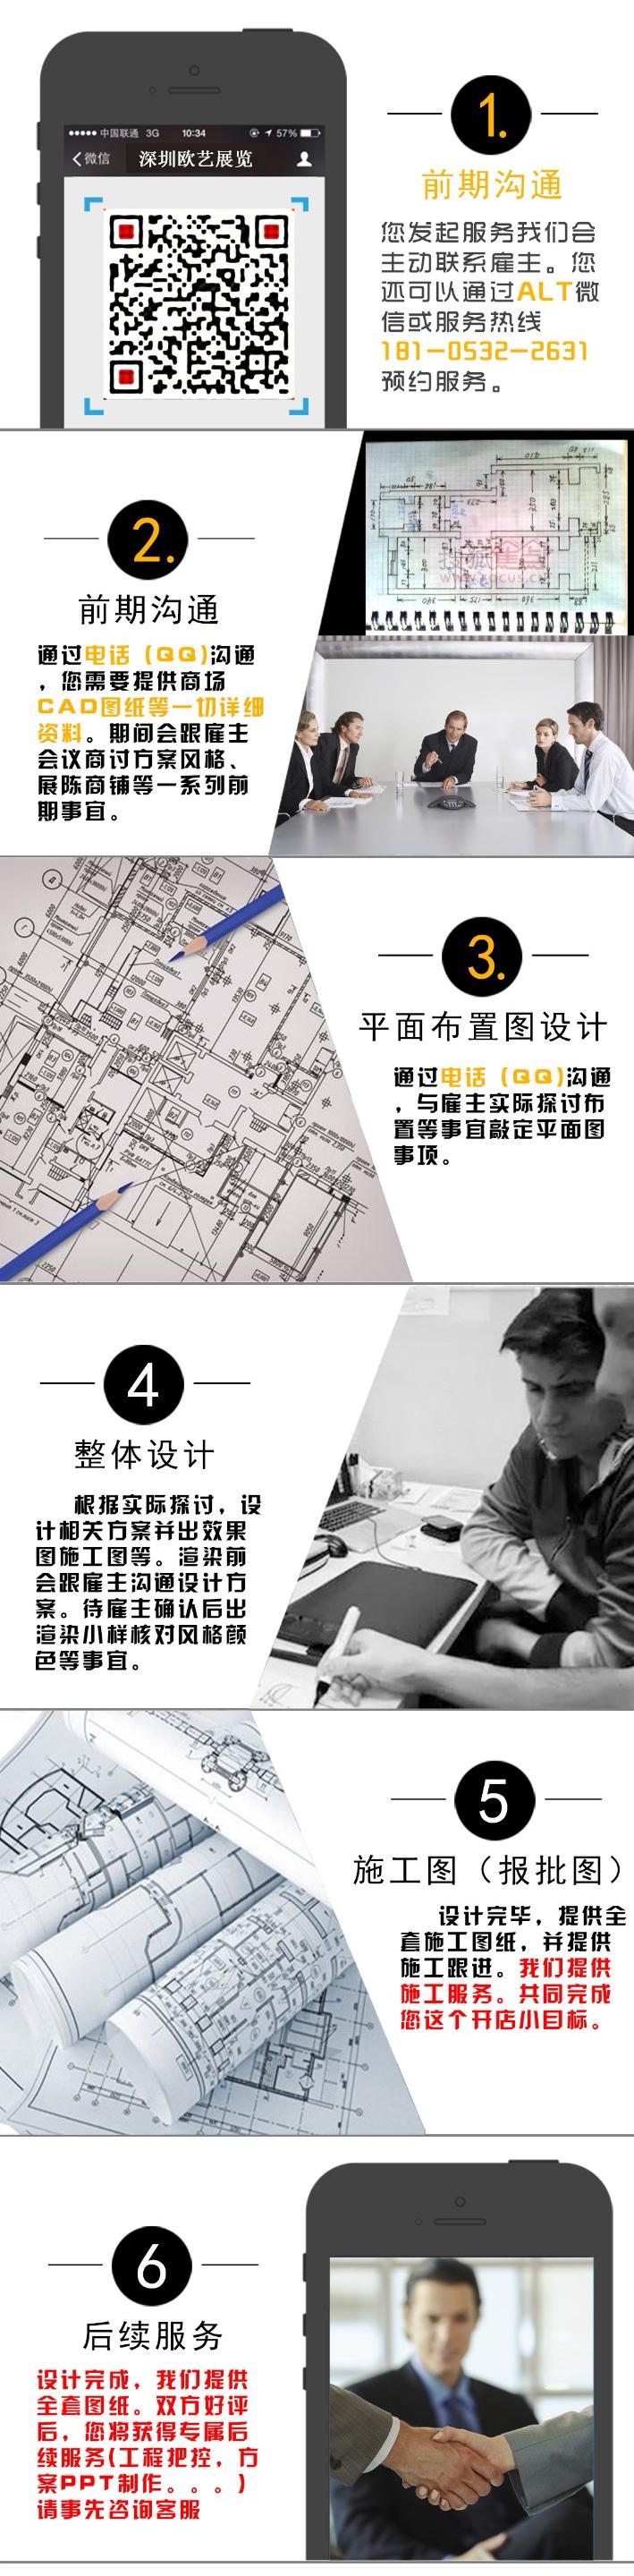 【深圳欧艺展览服务有限公司】展会设计 企业展台效果图设计 展位设计 展柜展示_家居服务>>空间设计>>展示空间设计